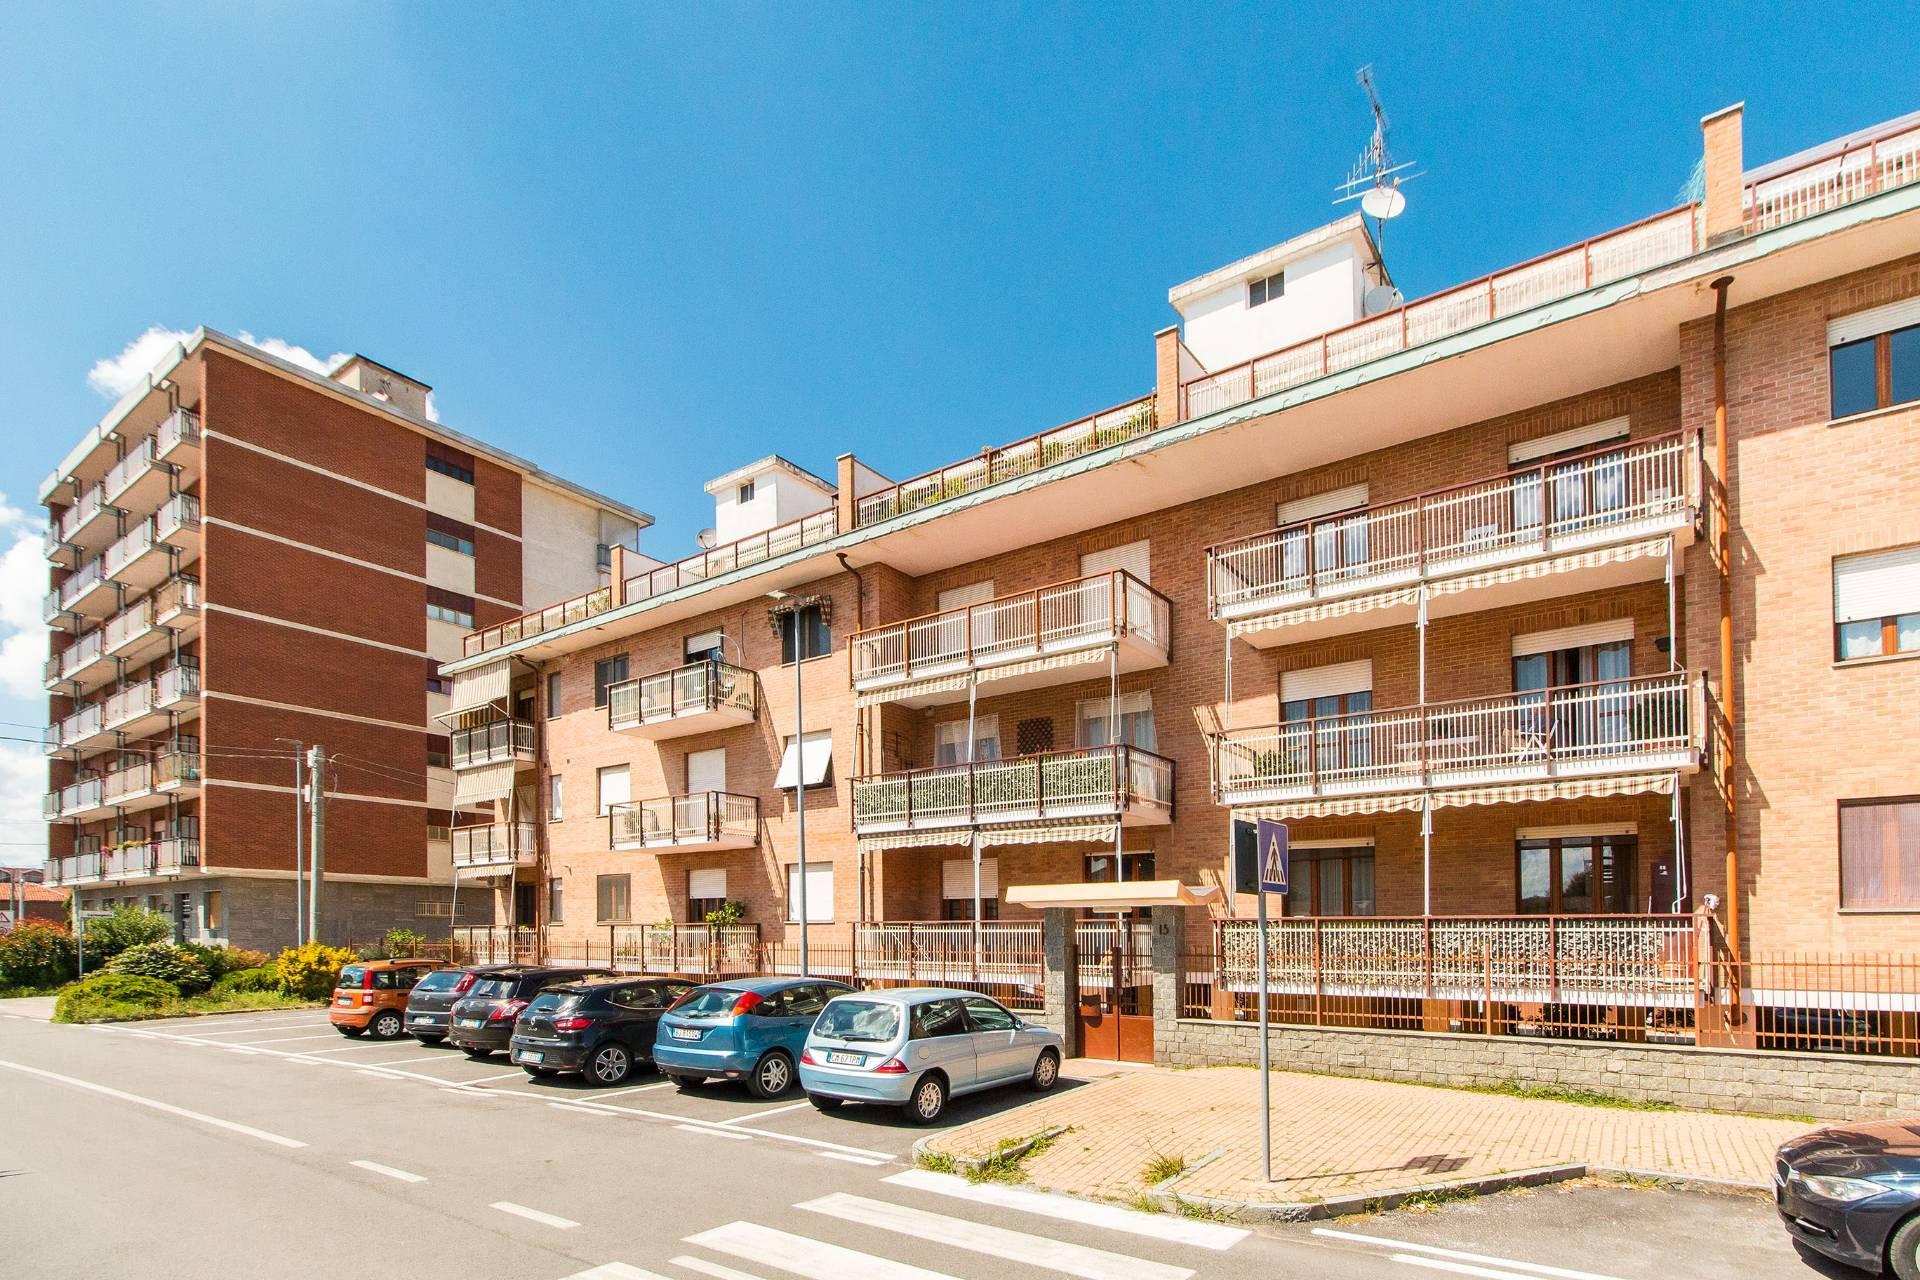 Appartamento in vendita a Vinovo, 3 locali, zona ro, prezzo € 172.000 | PortaleAgenzieImmobiliari.it